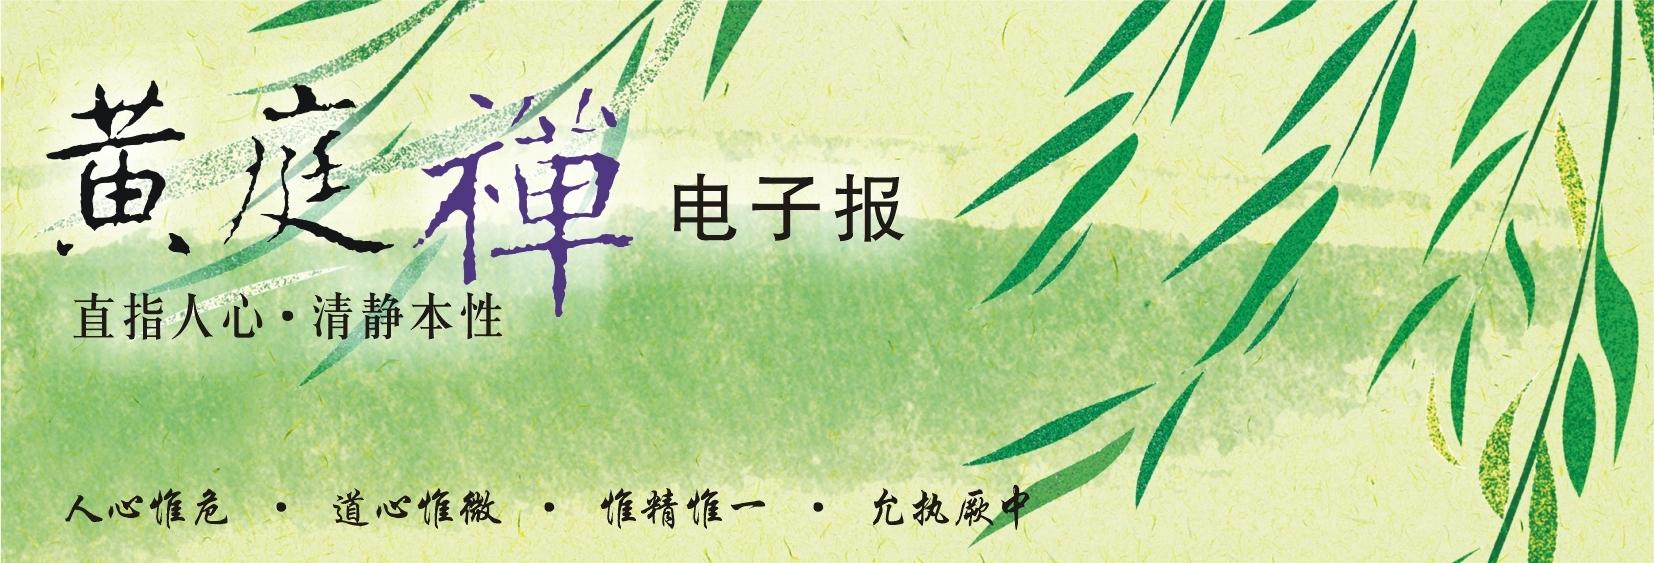 中华黄庭禅学会2015.06.11电子报